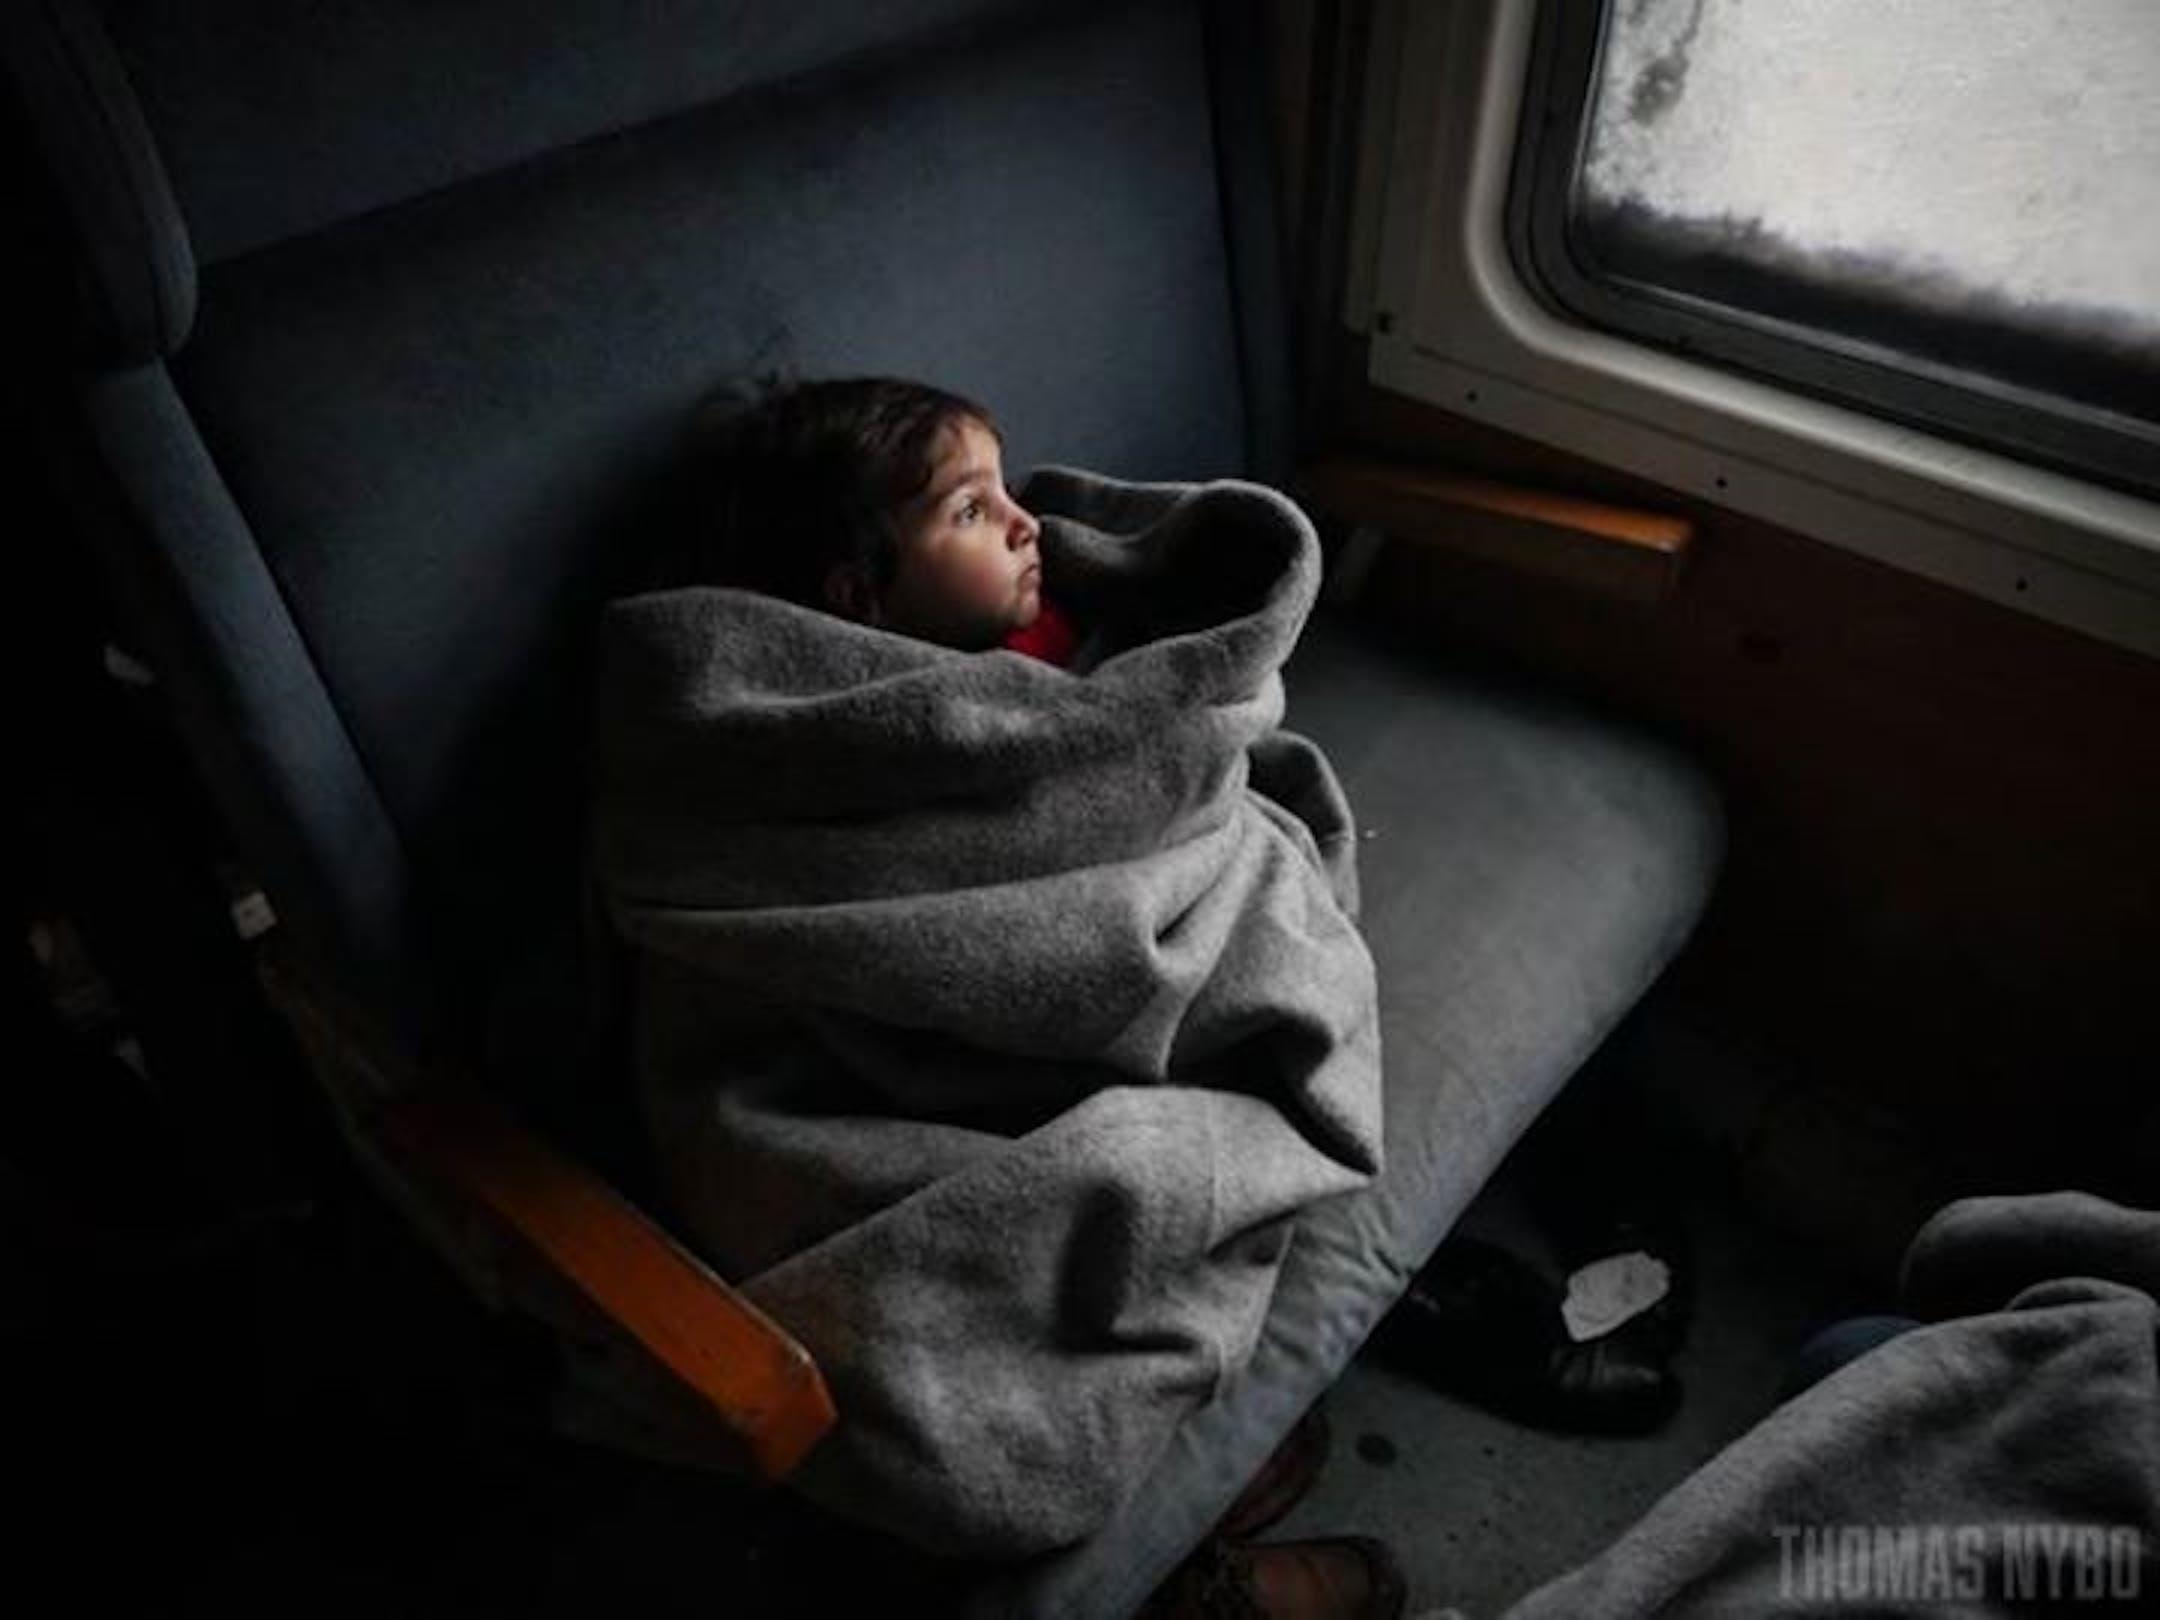 Viaggio di 6 ore su un treno gelido attraverso la repubblica ex-jugoslava di Macedonia per questa bambina in fuga con la famiglia dall'Afghanistan - ©Thomas Nybo